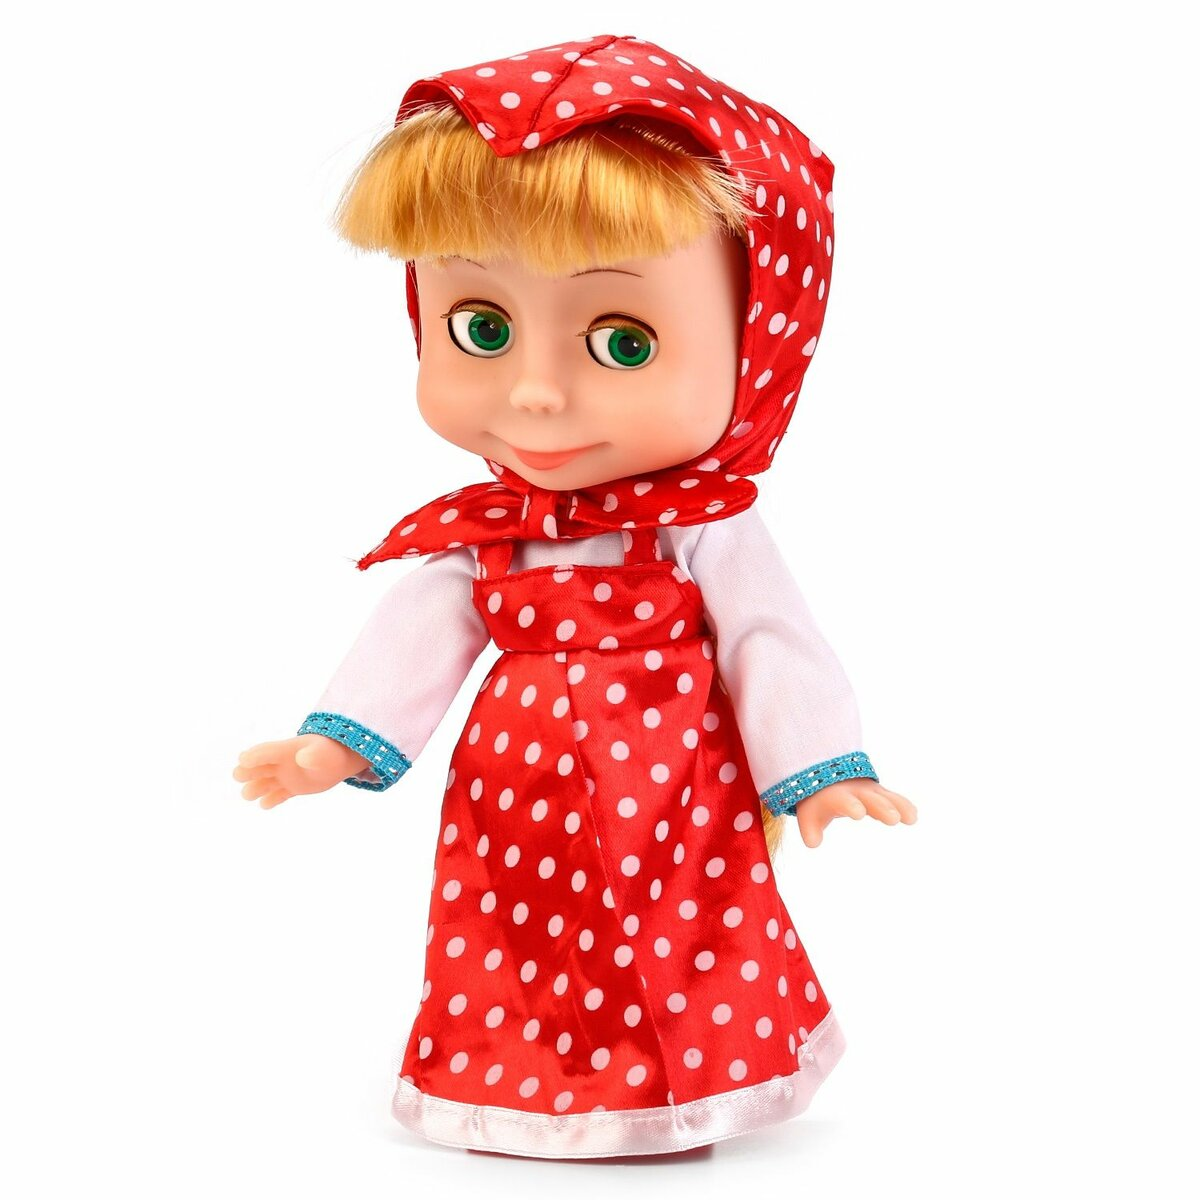 Куклы картинки мультик